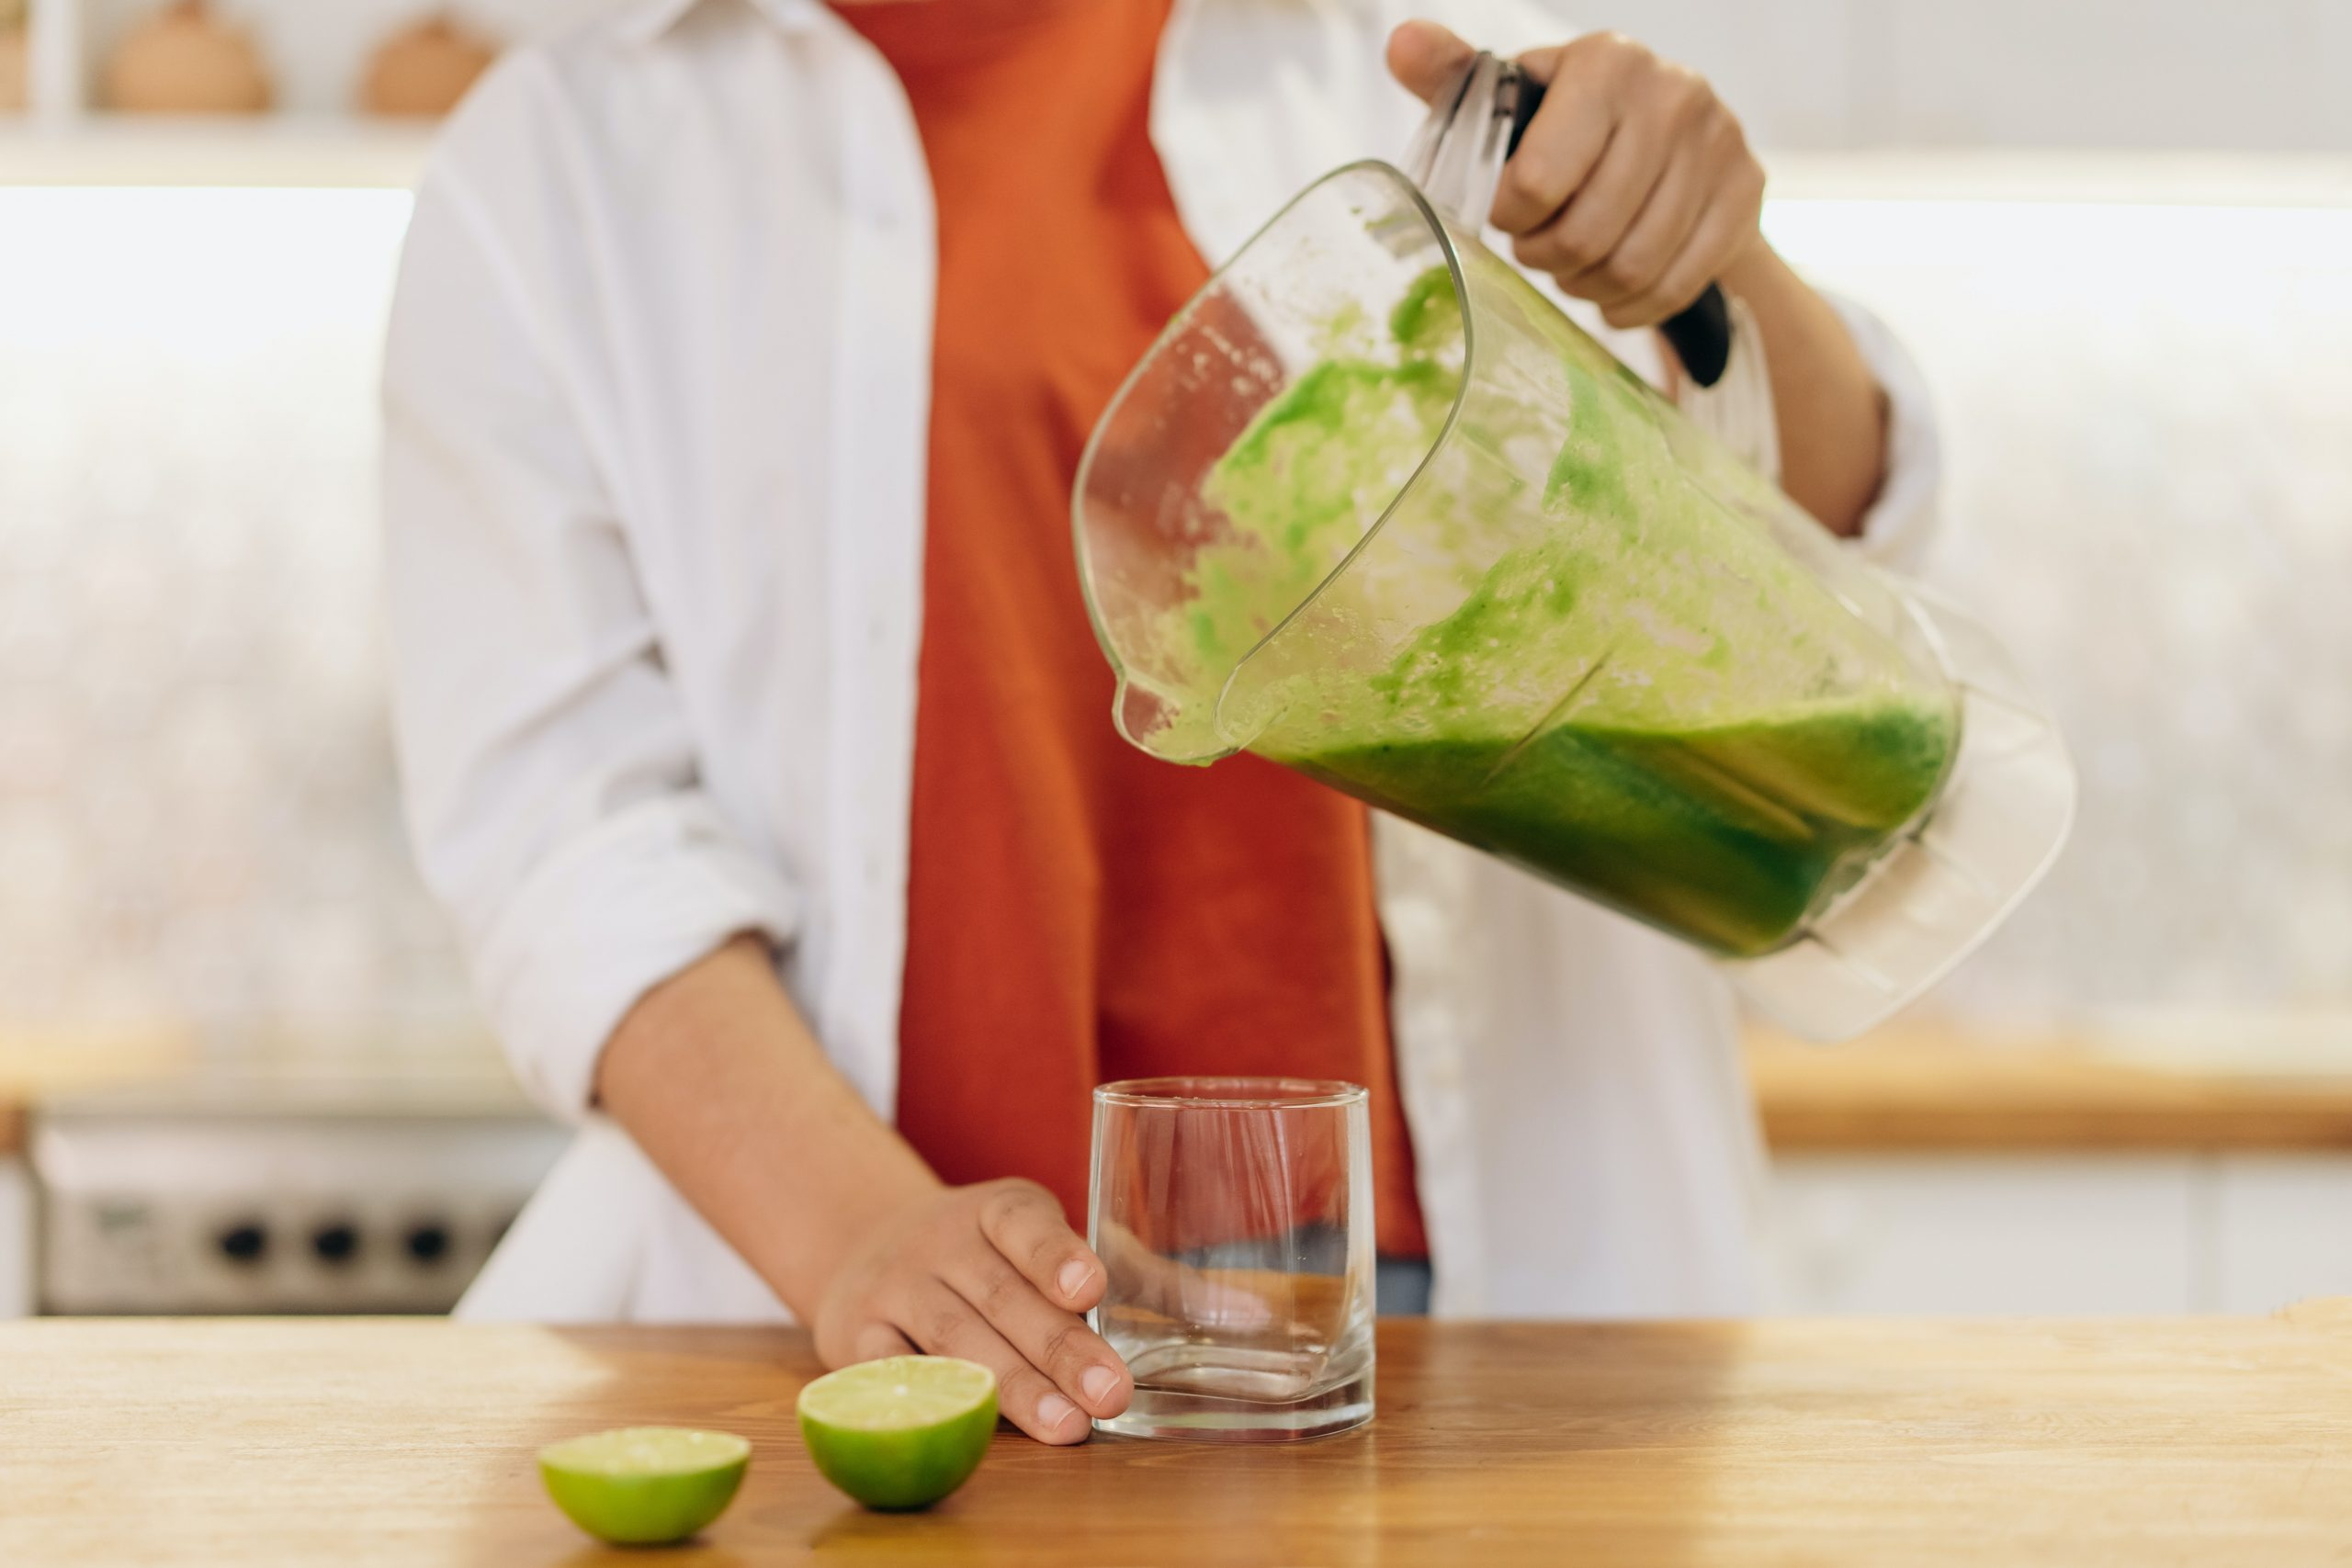 Imagem de uma mulher despejando um suco no copo.